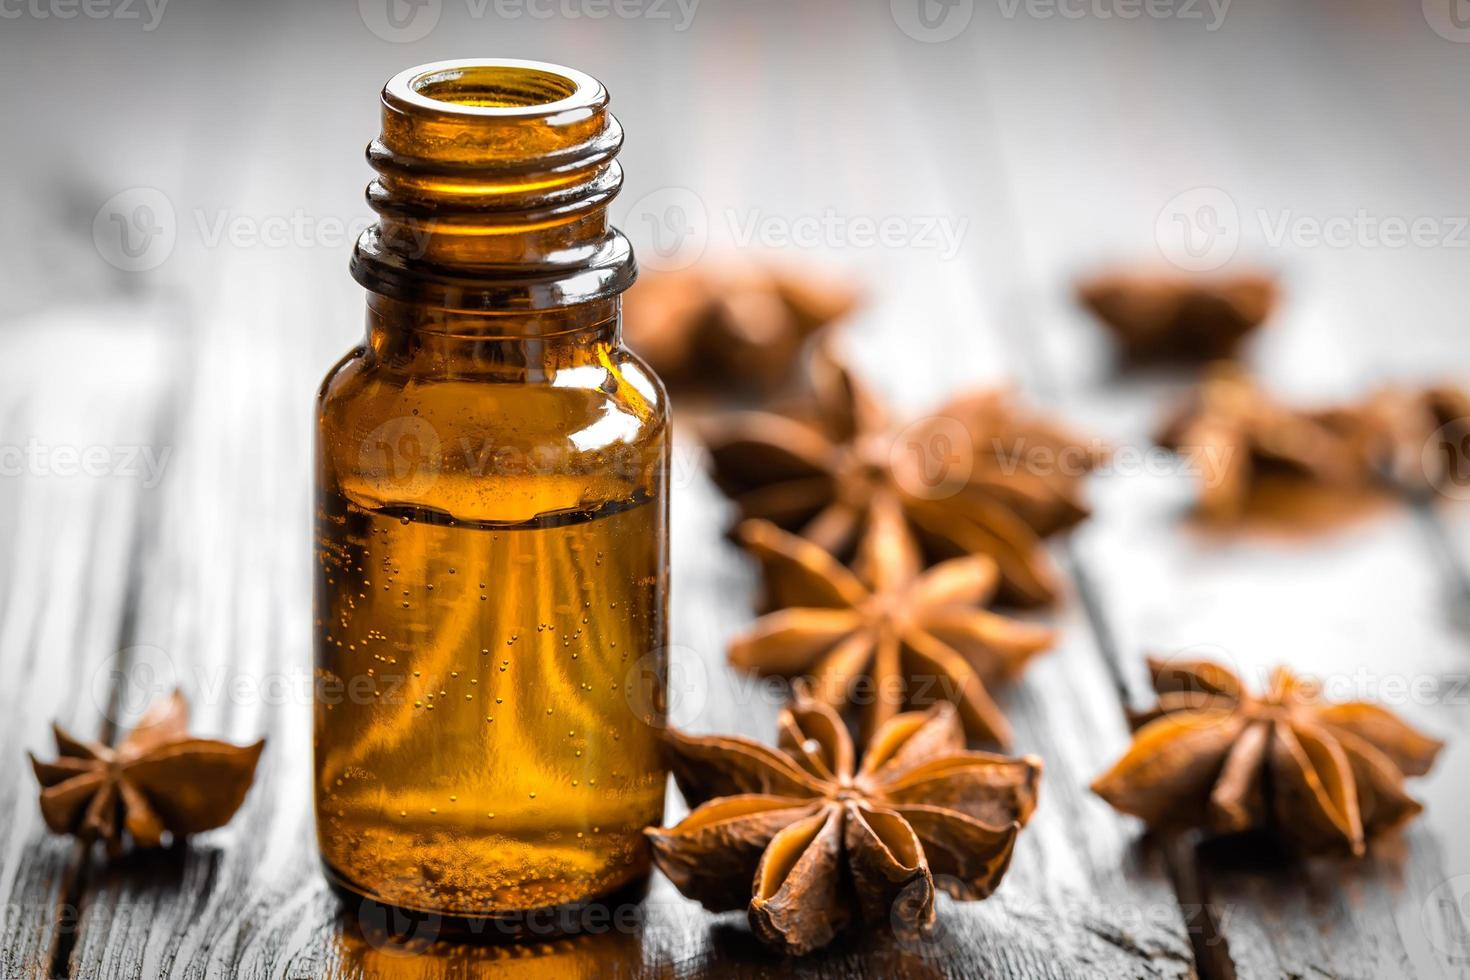 Anise oil photo